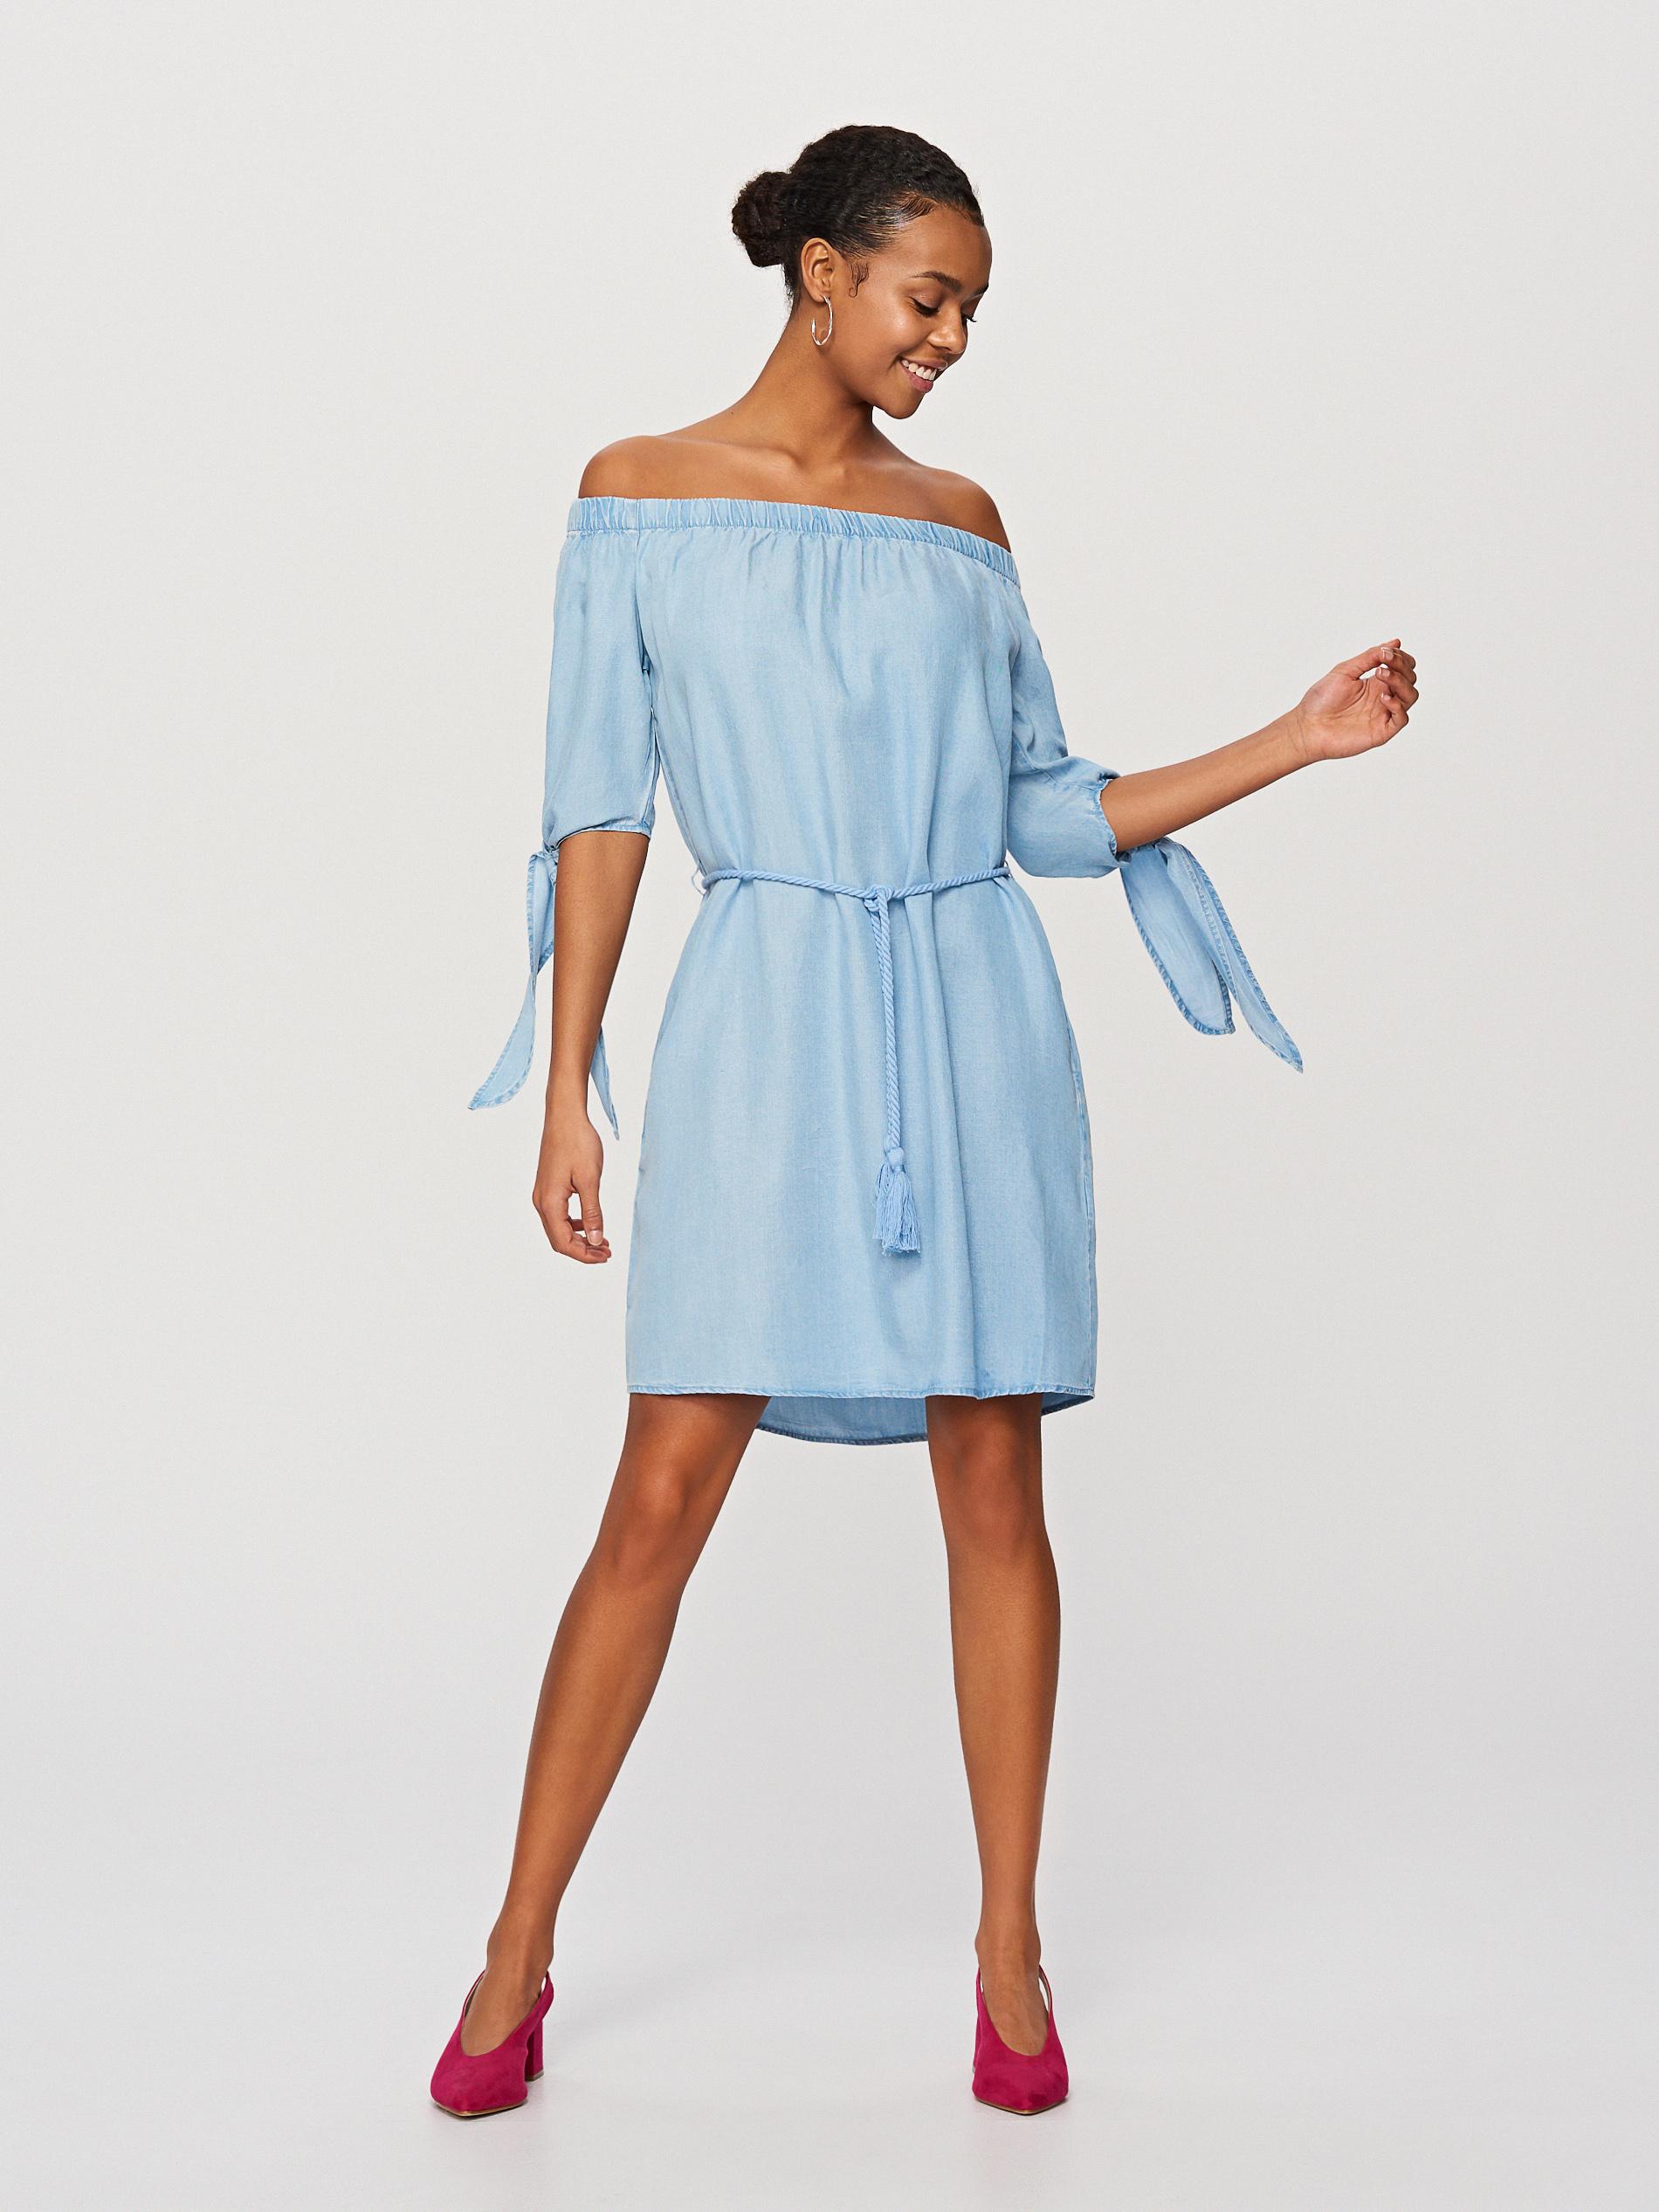 07c507ecf9 Modele z odkrytymi ramionami wysmuklają szyję i pięknie podkreślają dekolt.  Naszą dzisiejszą propozycją jest sukienka hiszpanka marki Reserved.